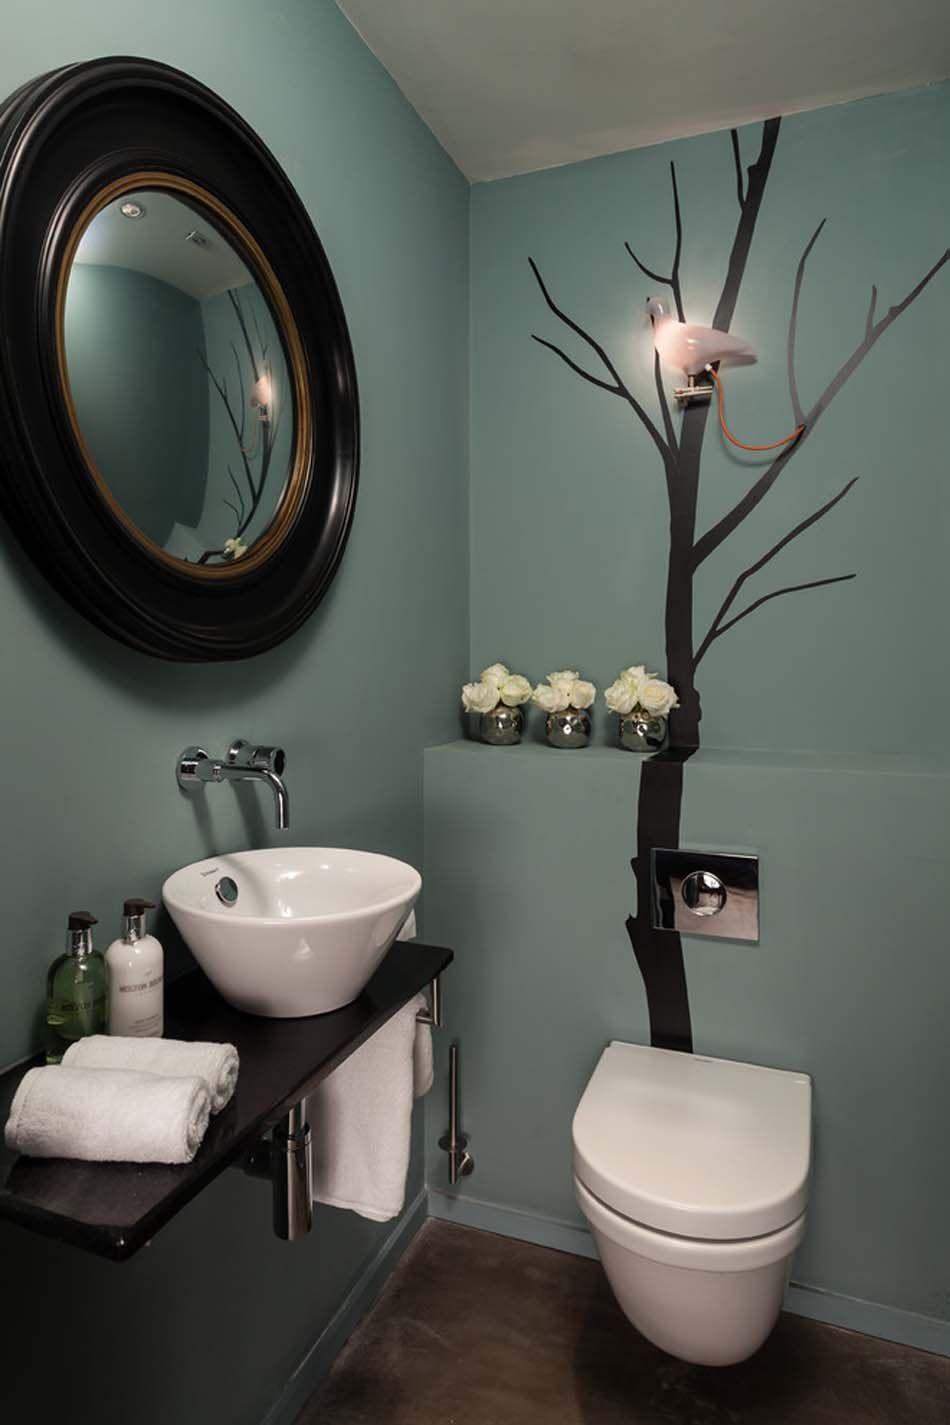 Idees De Decoration Inspirantes Pour Rendre Nos Toilettes Surprenantes Deco Toilettes Originales Decoration Toilettes Et Deco Toilettes